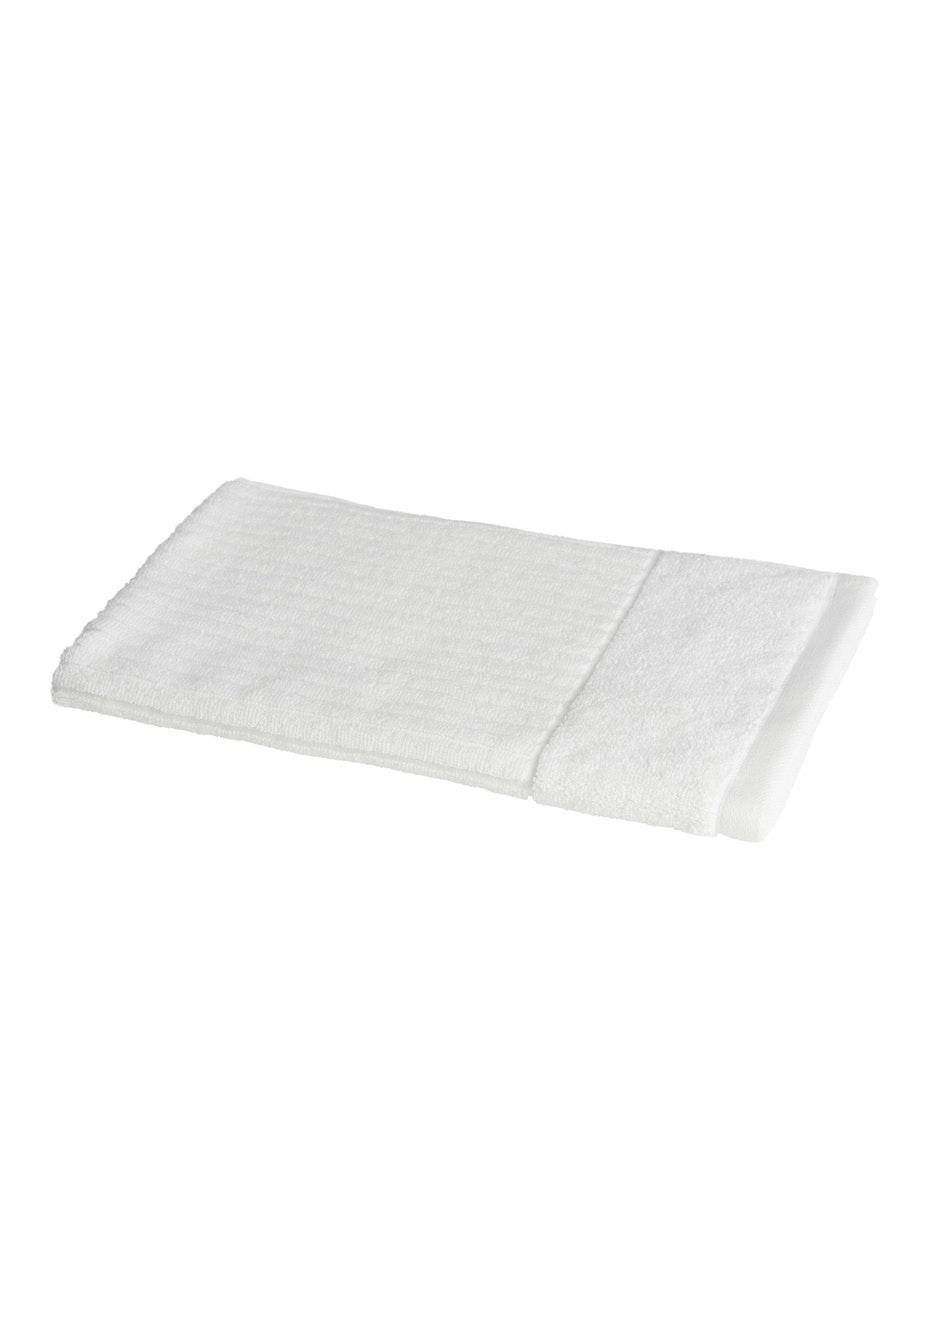 Conran Signature Rib Hand Towel White